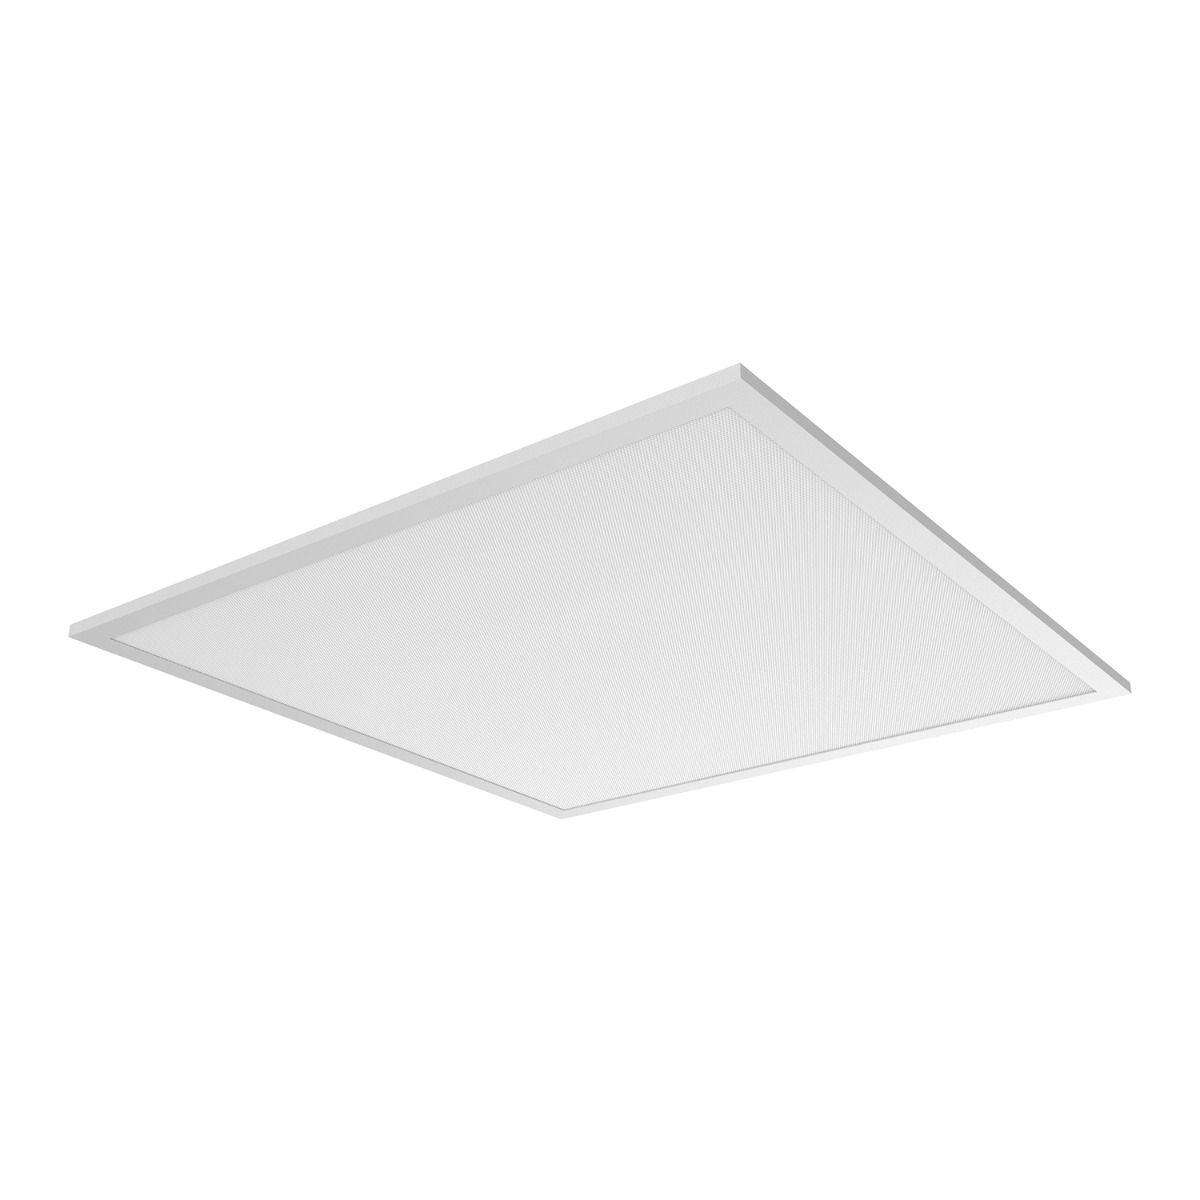 Noxion LED Paneel Delta Pro V3 Highlum 36W 3000K 5225lm 60x60cm UGR <19   Vervanger voor 4x18W